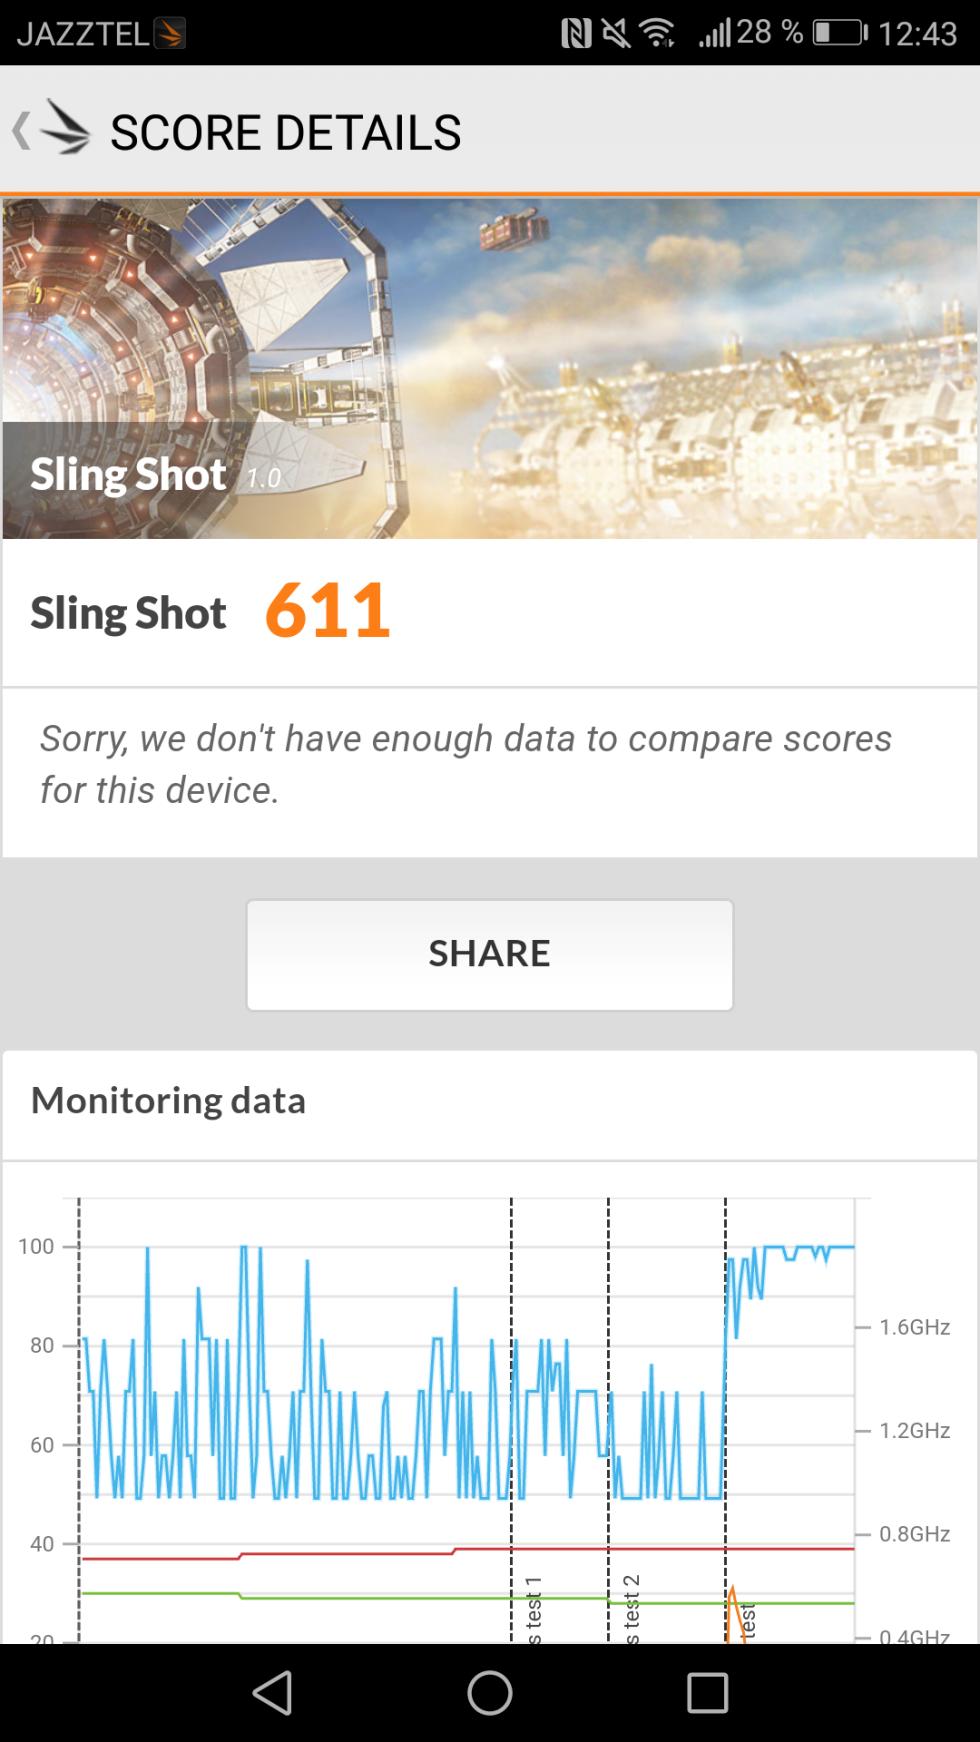 En la prueba de 3DMark, en el escenario de Sling Shot 1.0, el P8 Lite 2017 logra los 611 puntos